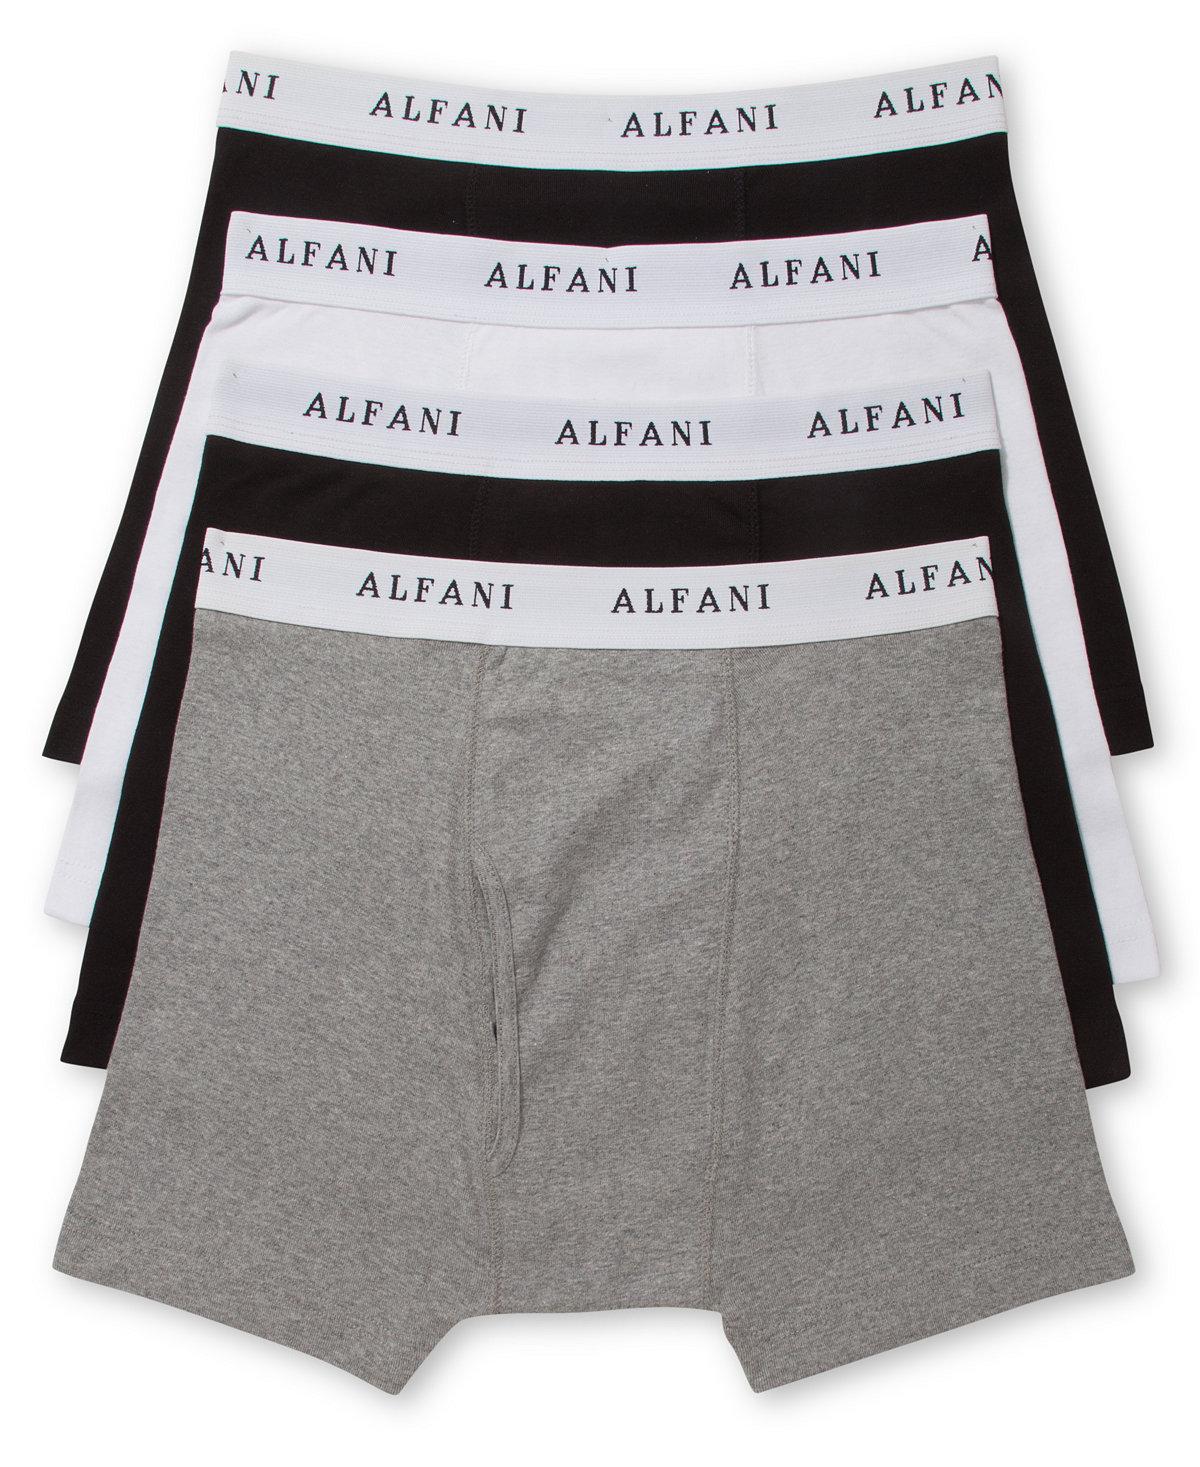 4 Pack Alfani Mens Cotton Boxer Briefs